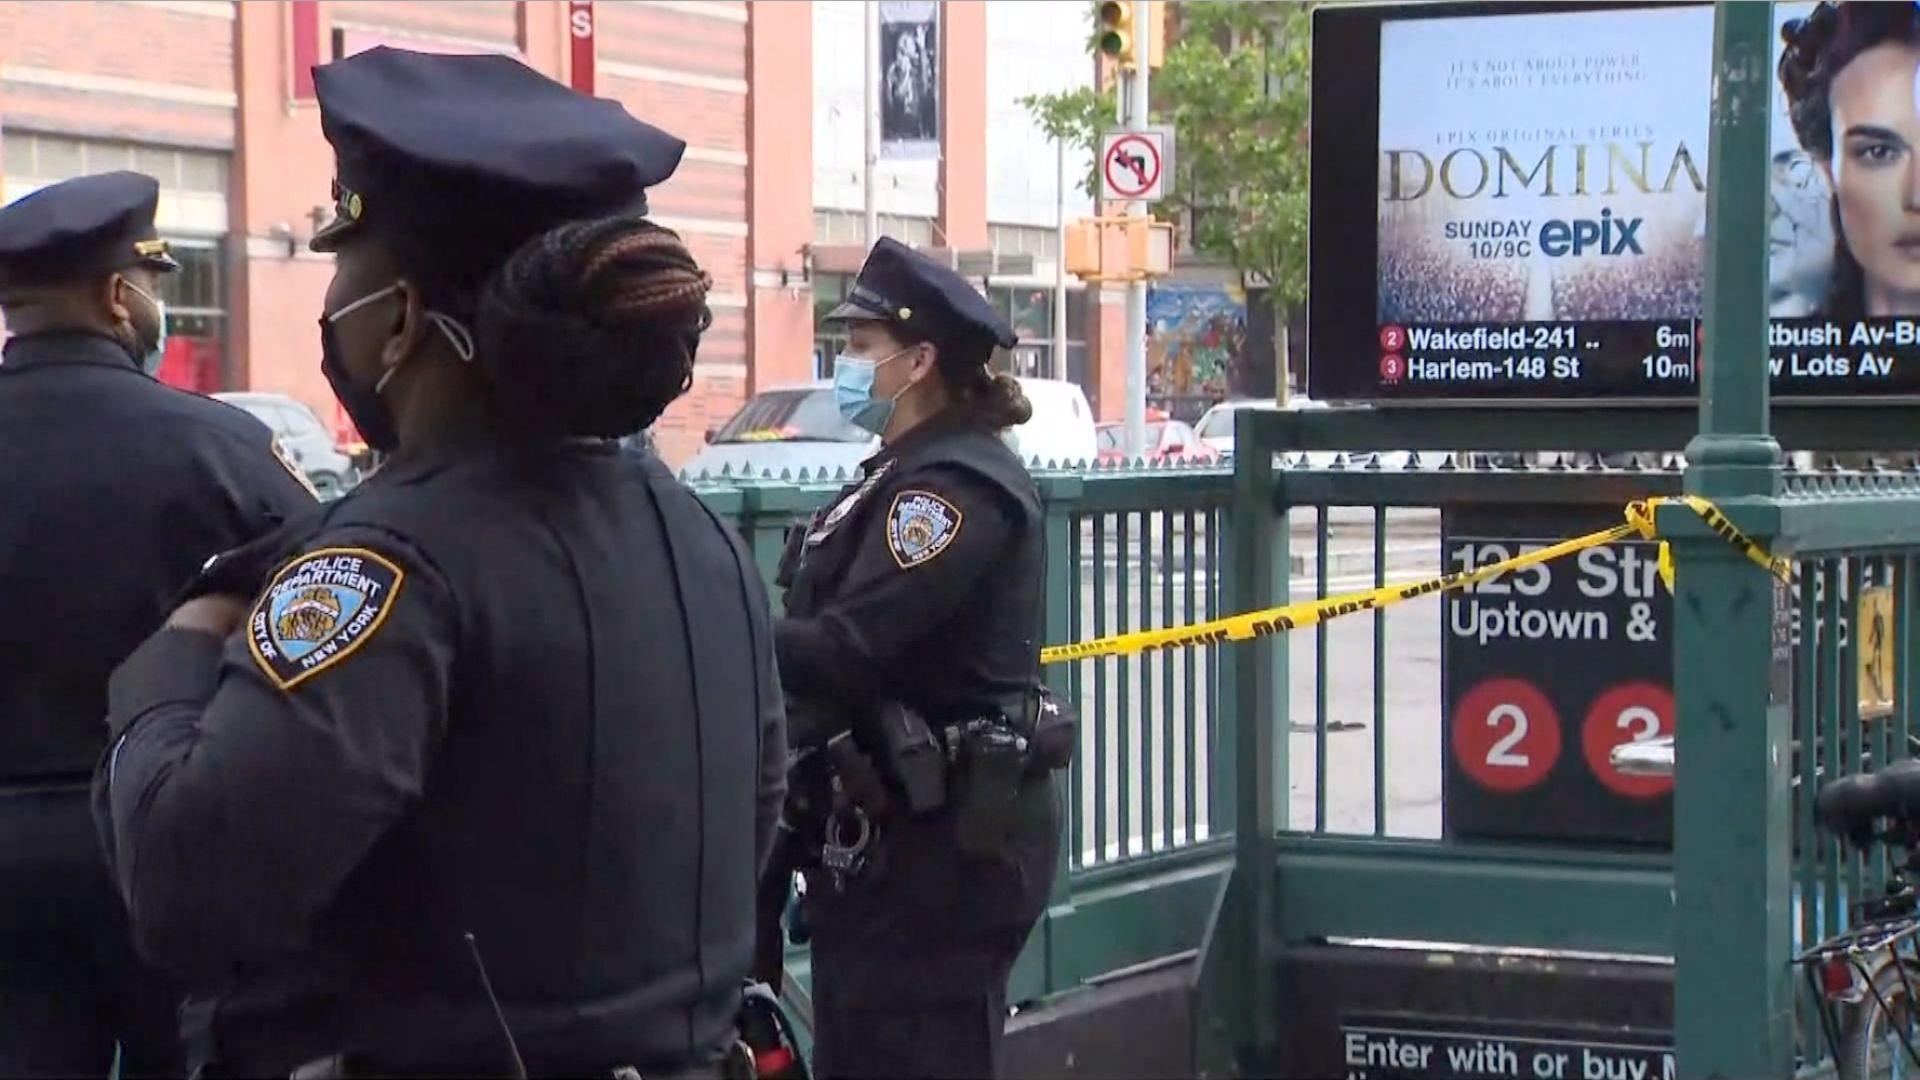 Harlem subway stabbing at 125th Street station